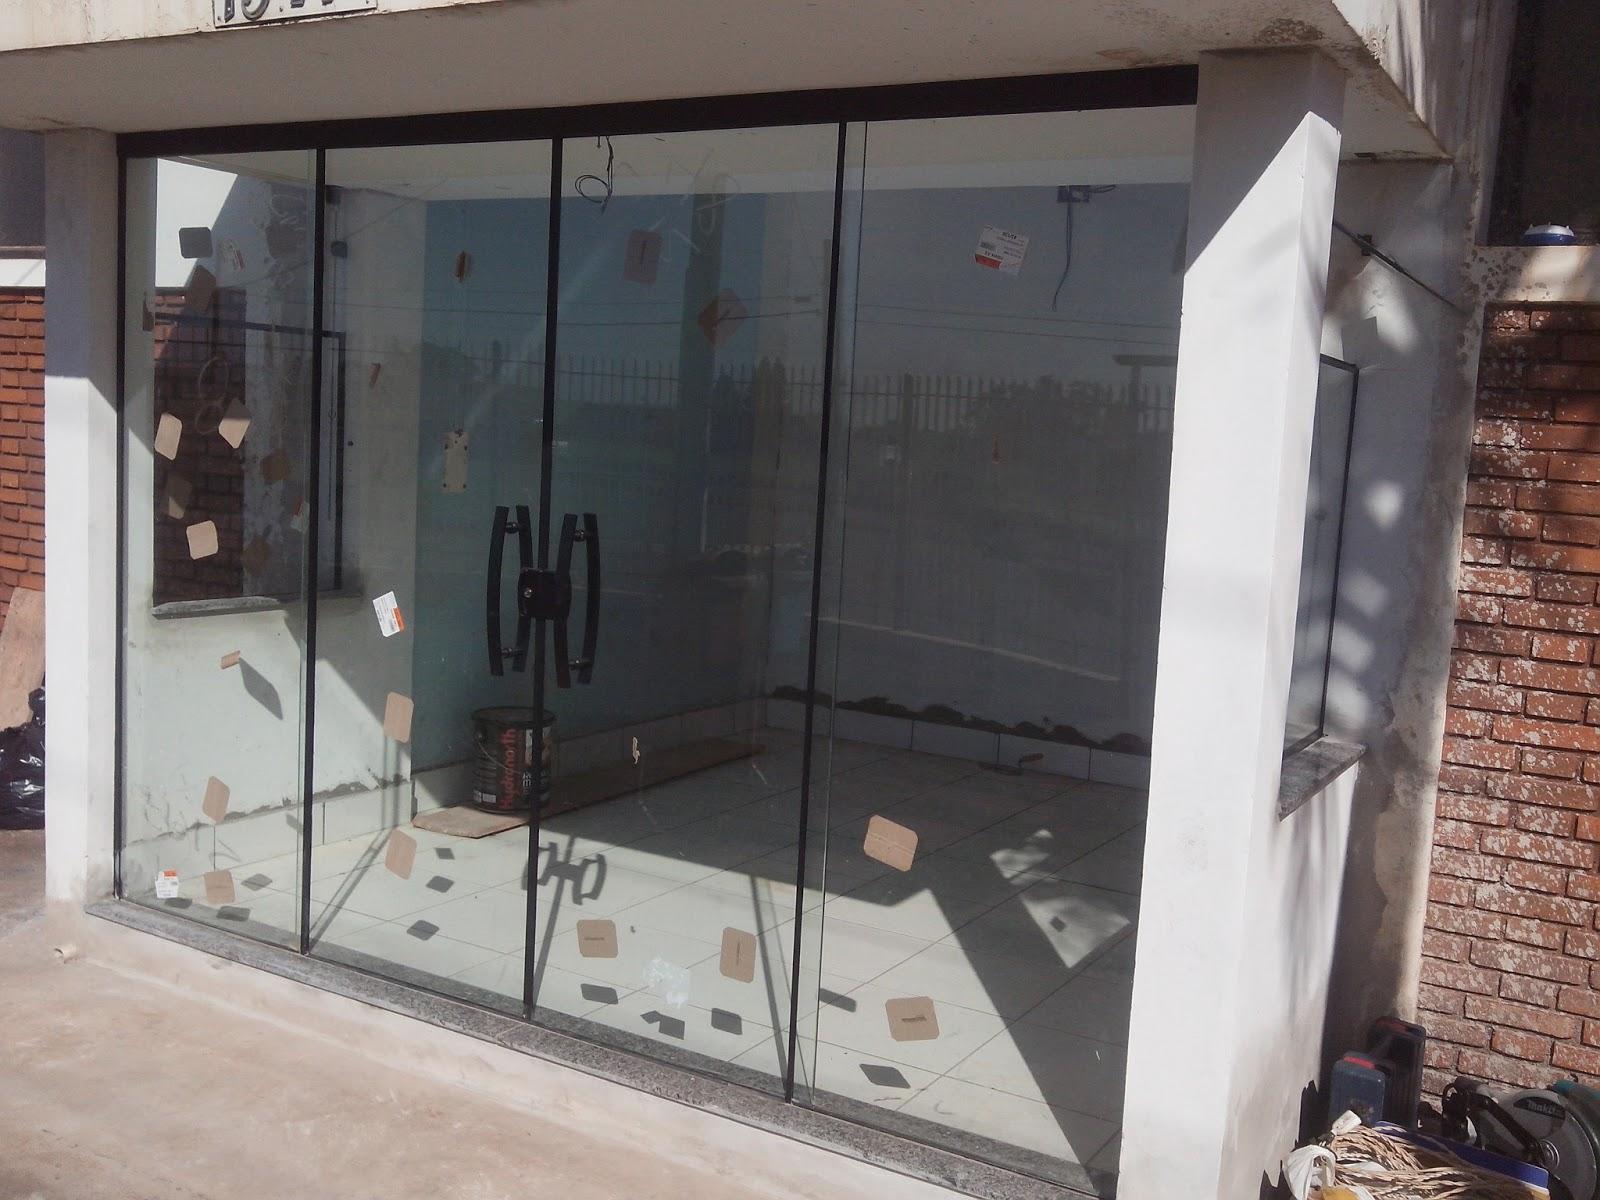 #76594F Porta no sitema de 04 vidros Vidro Incolor com perfil na cor Preto 10 Janelas De Vidro Com Aluminio Fosco